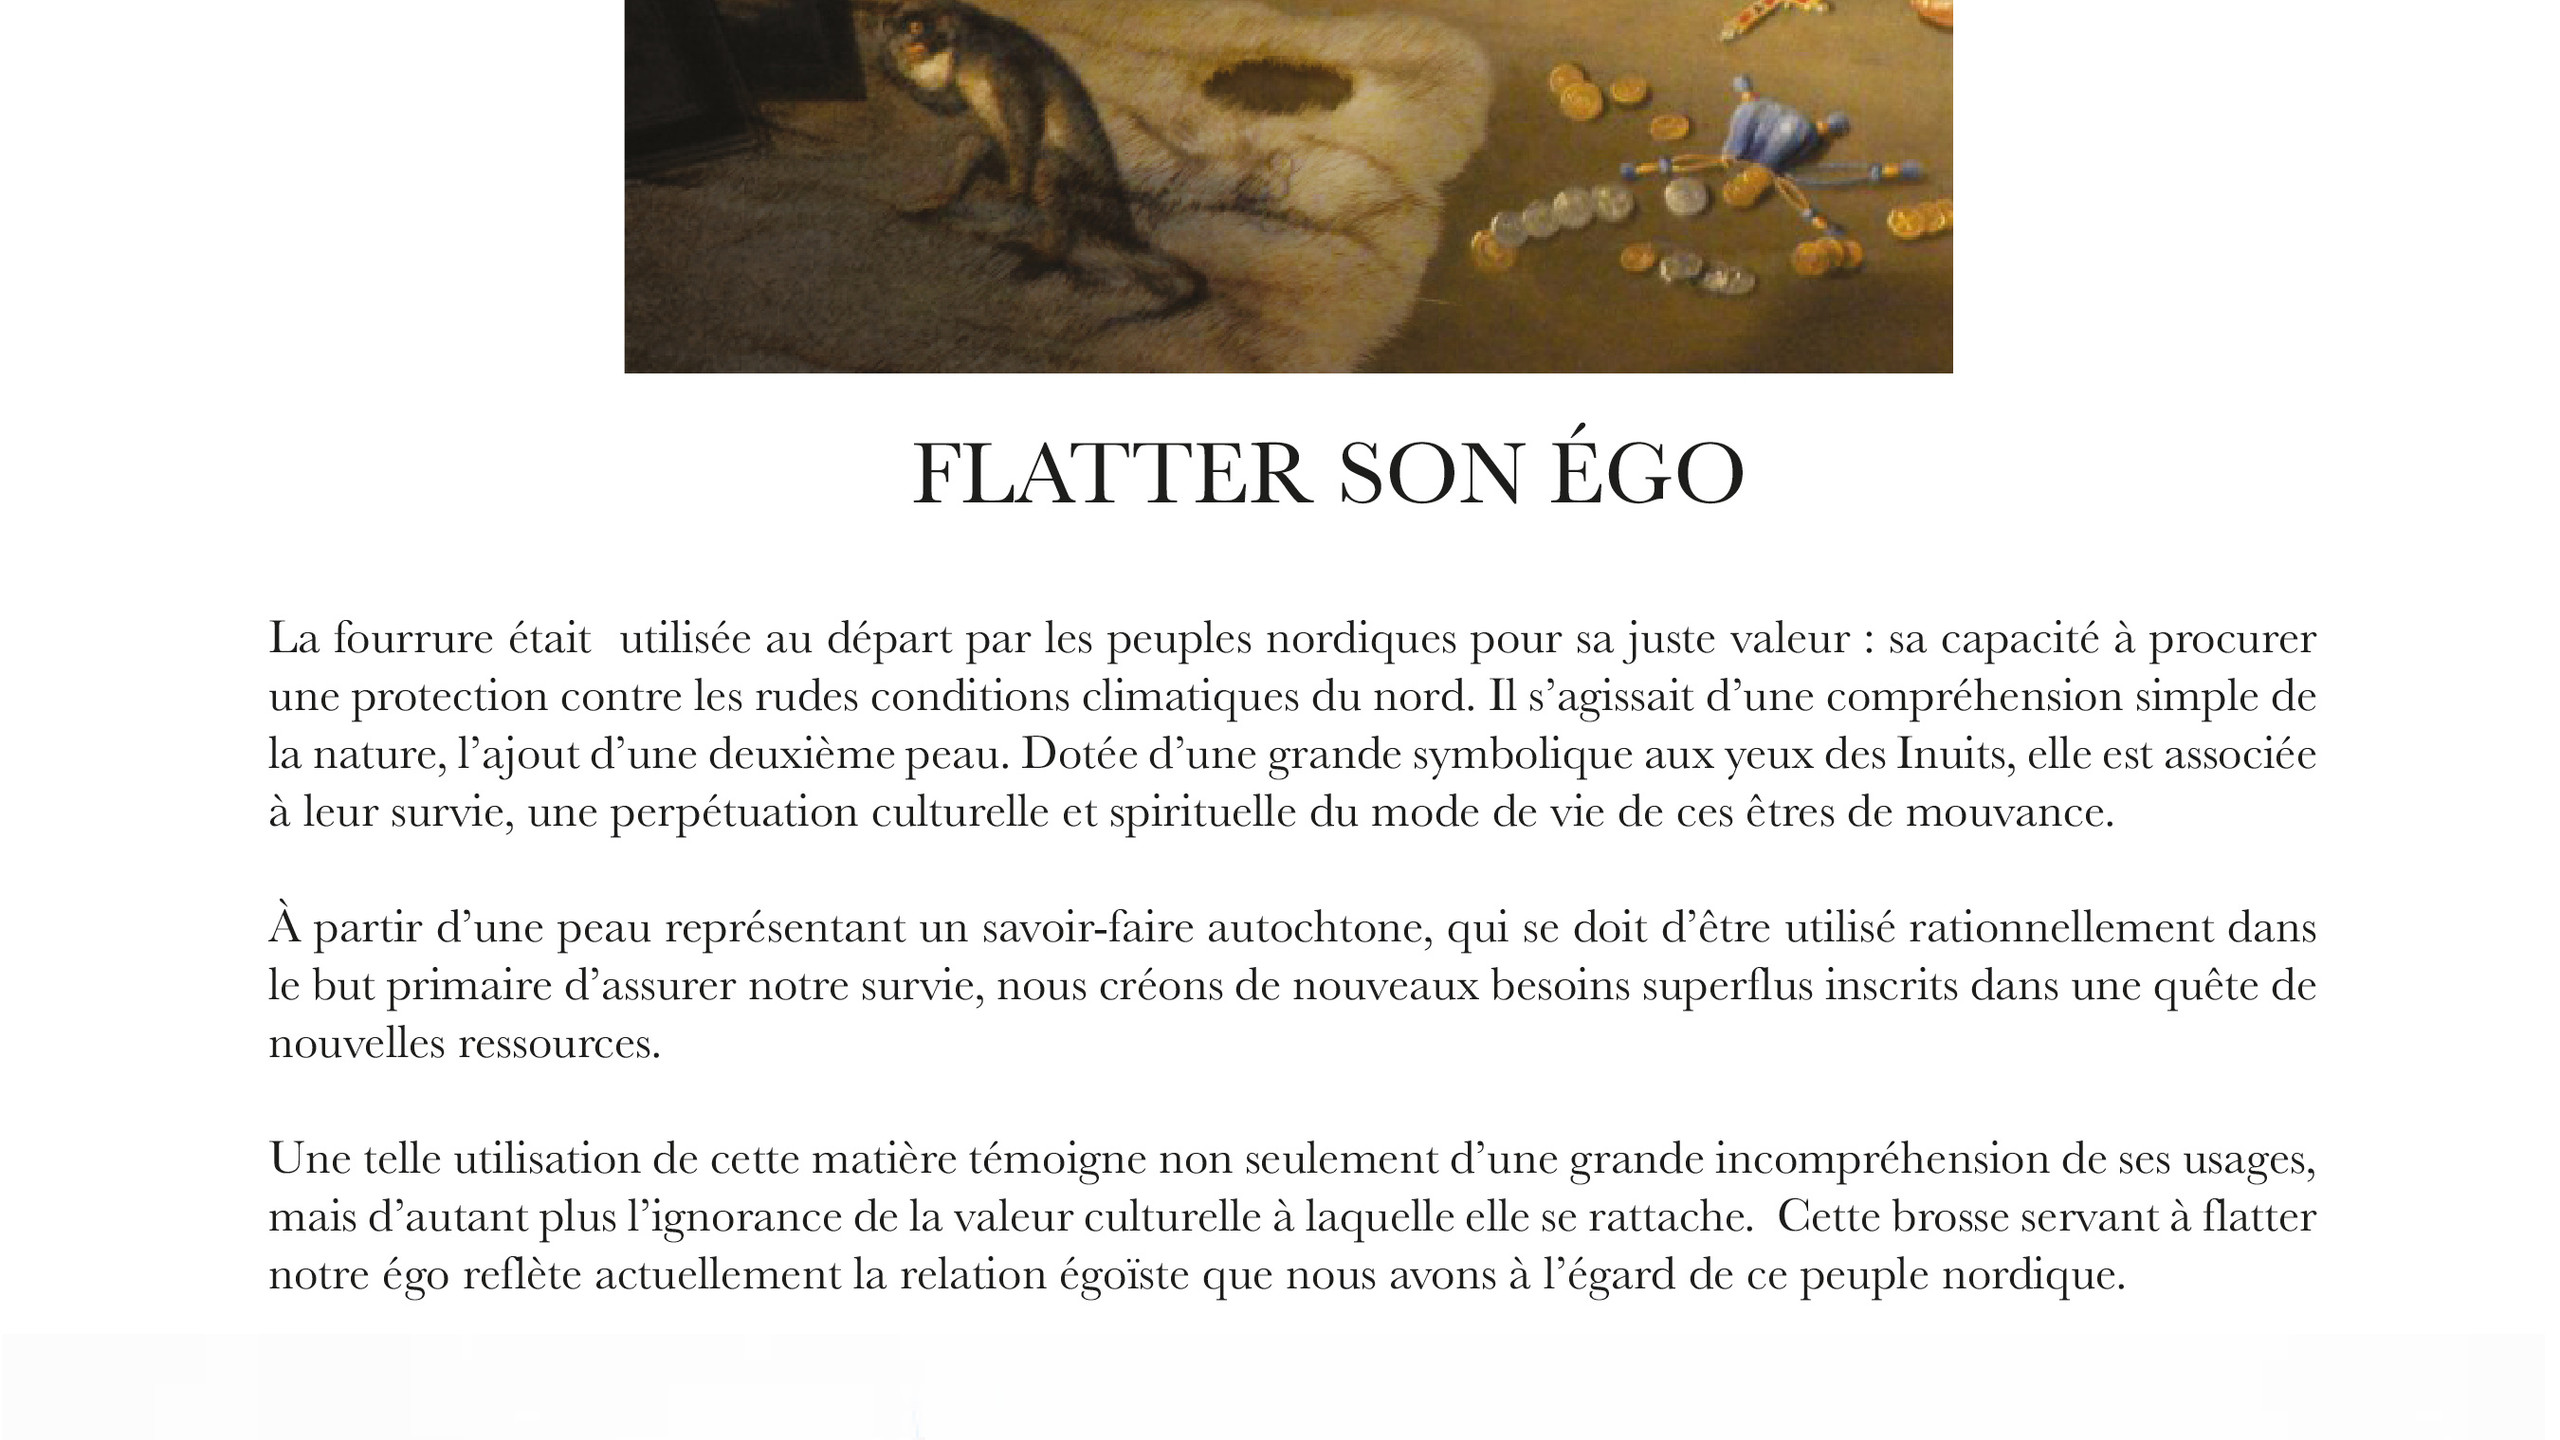 FLATTER SON ÉGO